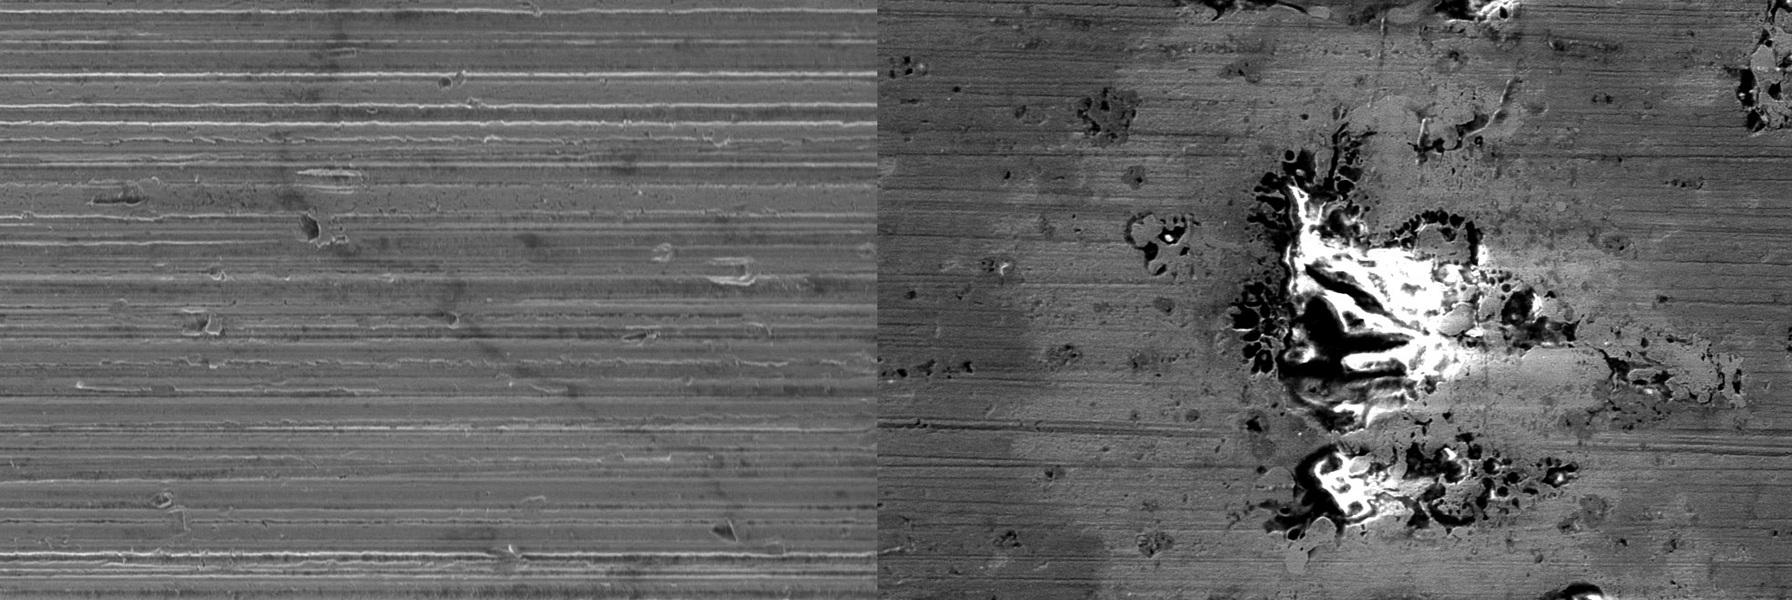 Microphoto - Dommages provenant de décharges électriques